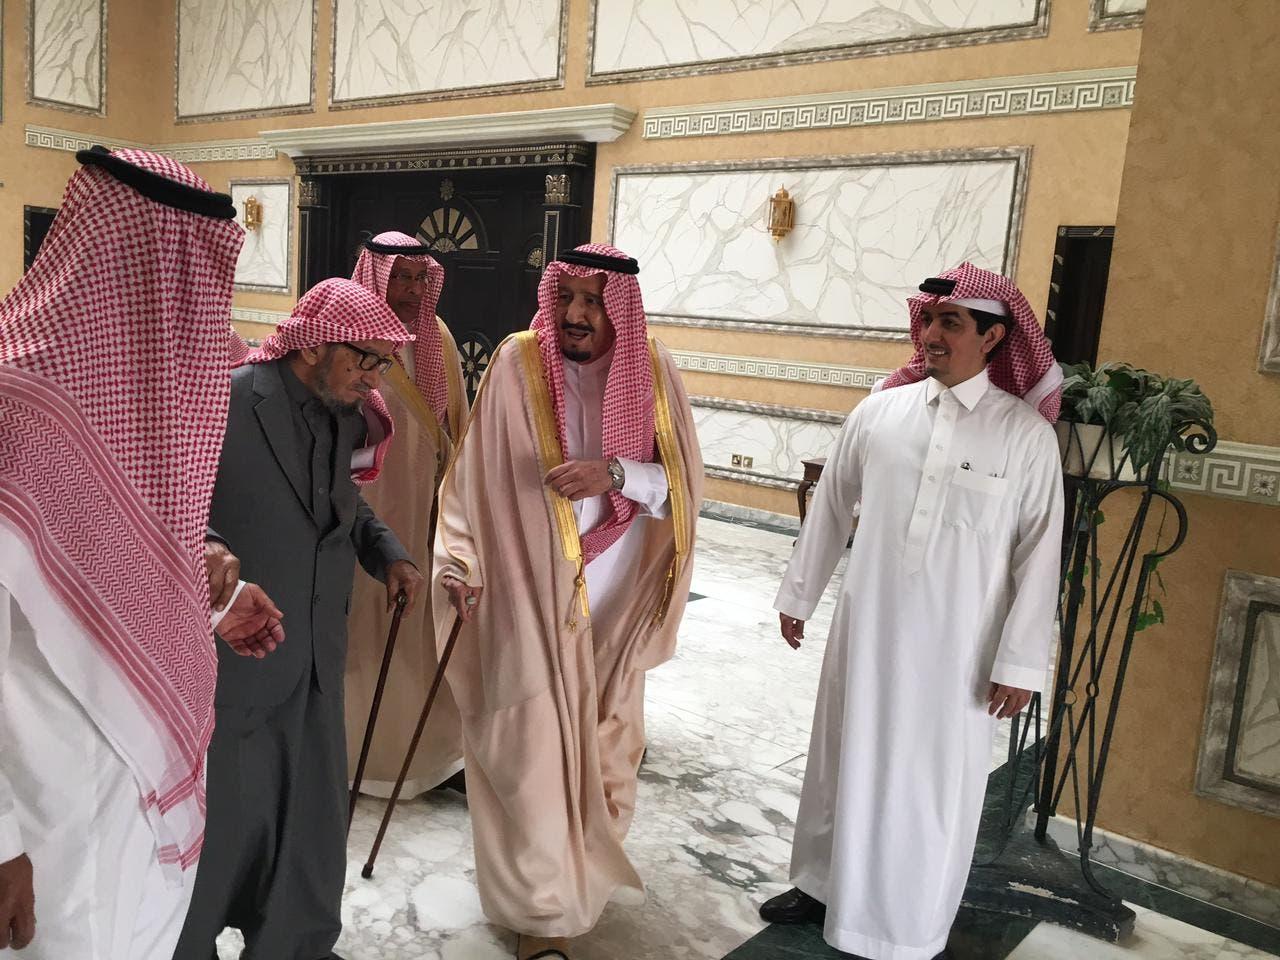 الملك سلمان في زيارة للشتري في منزله